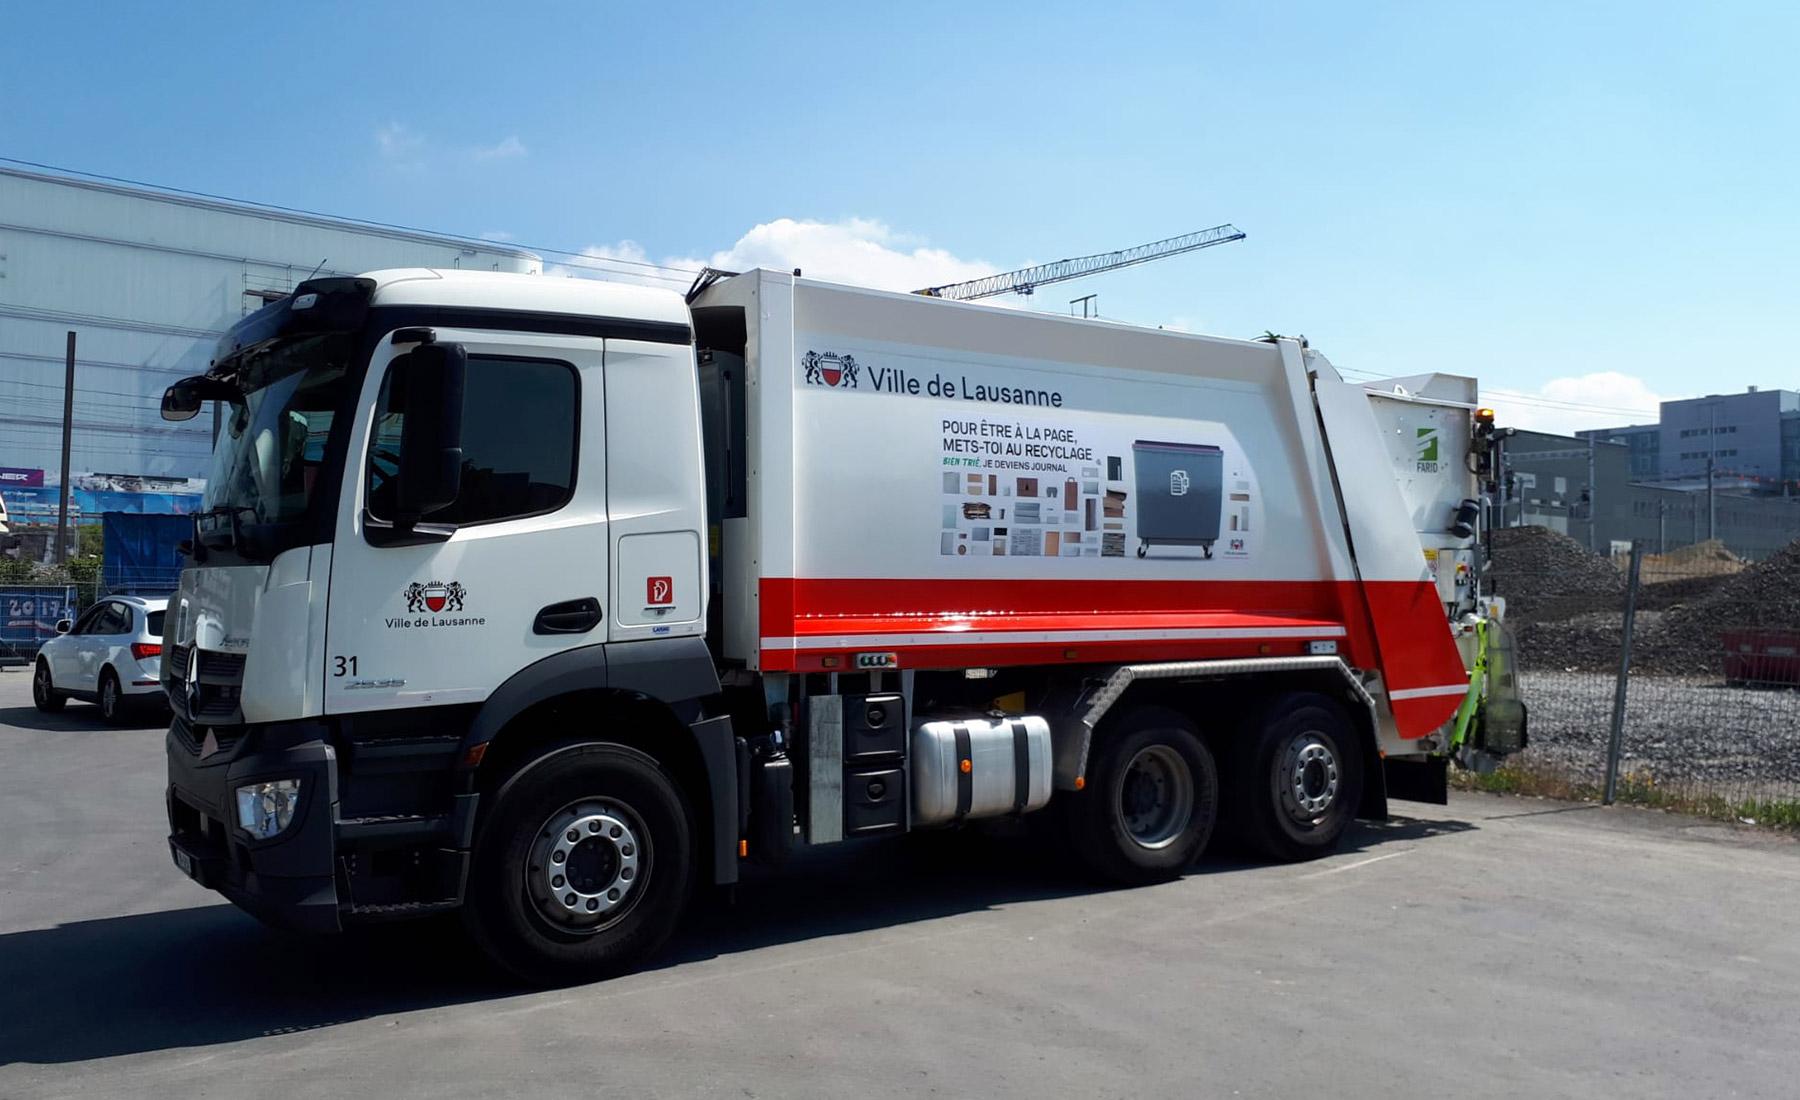 Camion poubelle de Lausanne 2019